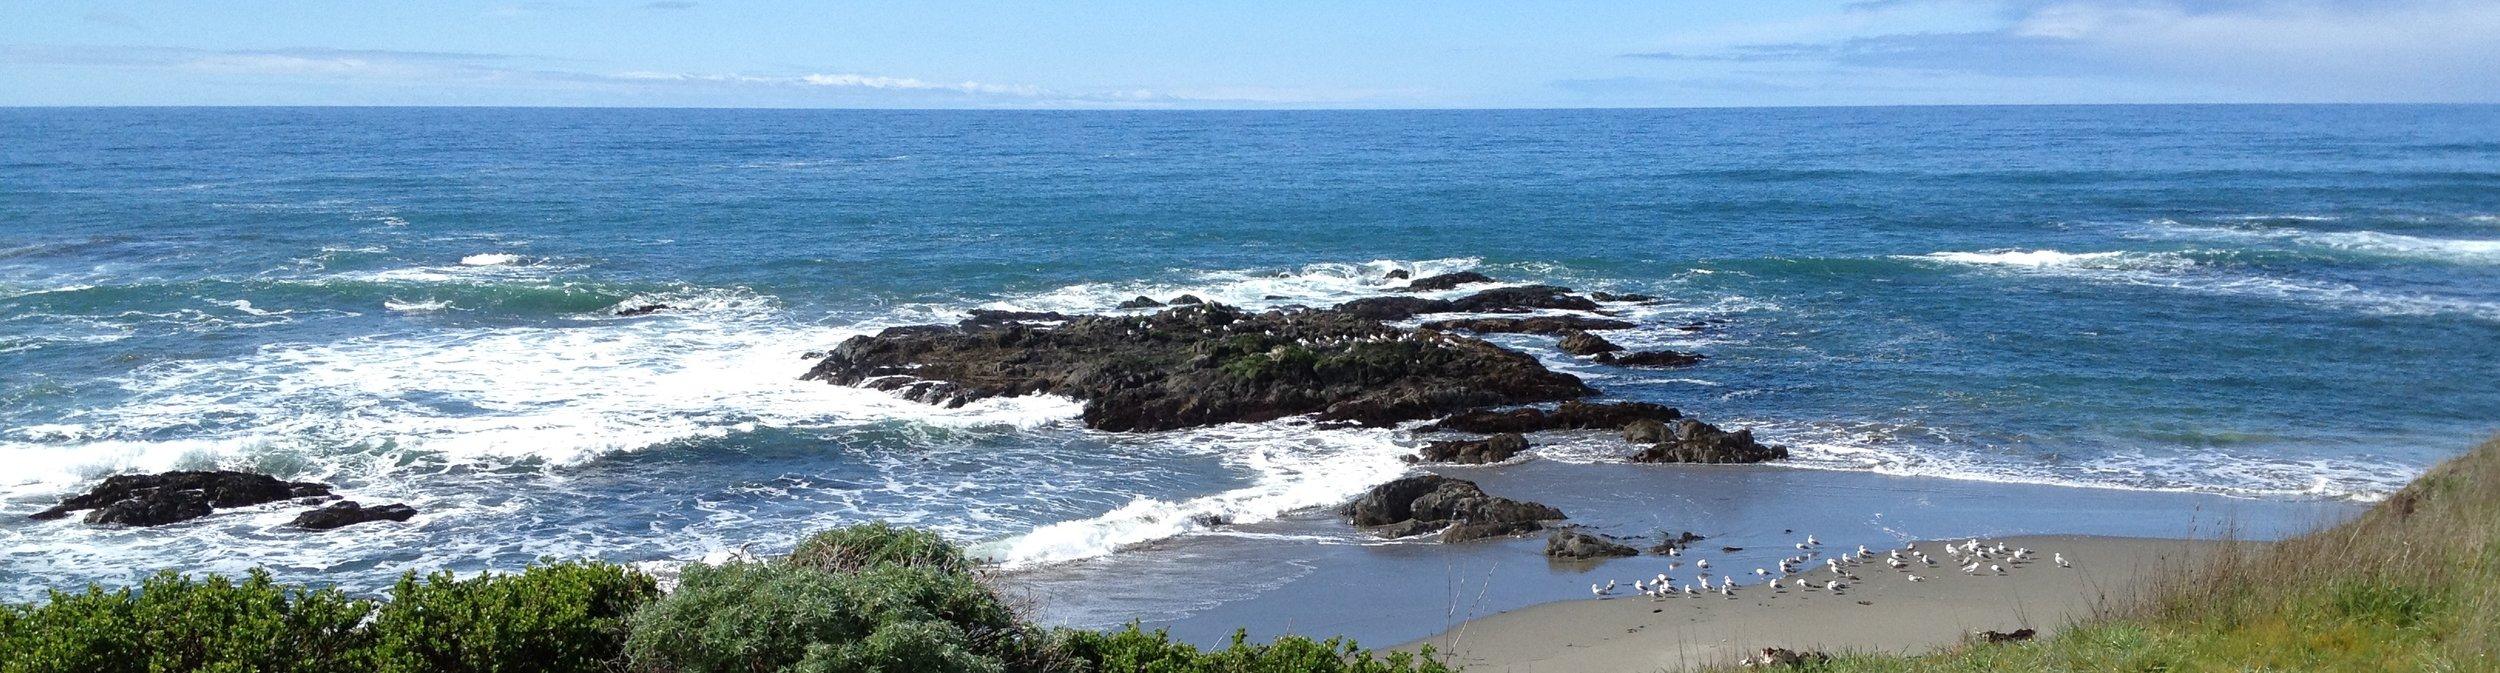 At Sea Ranch, California